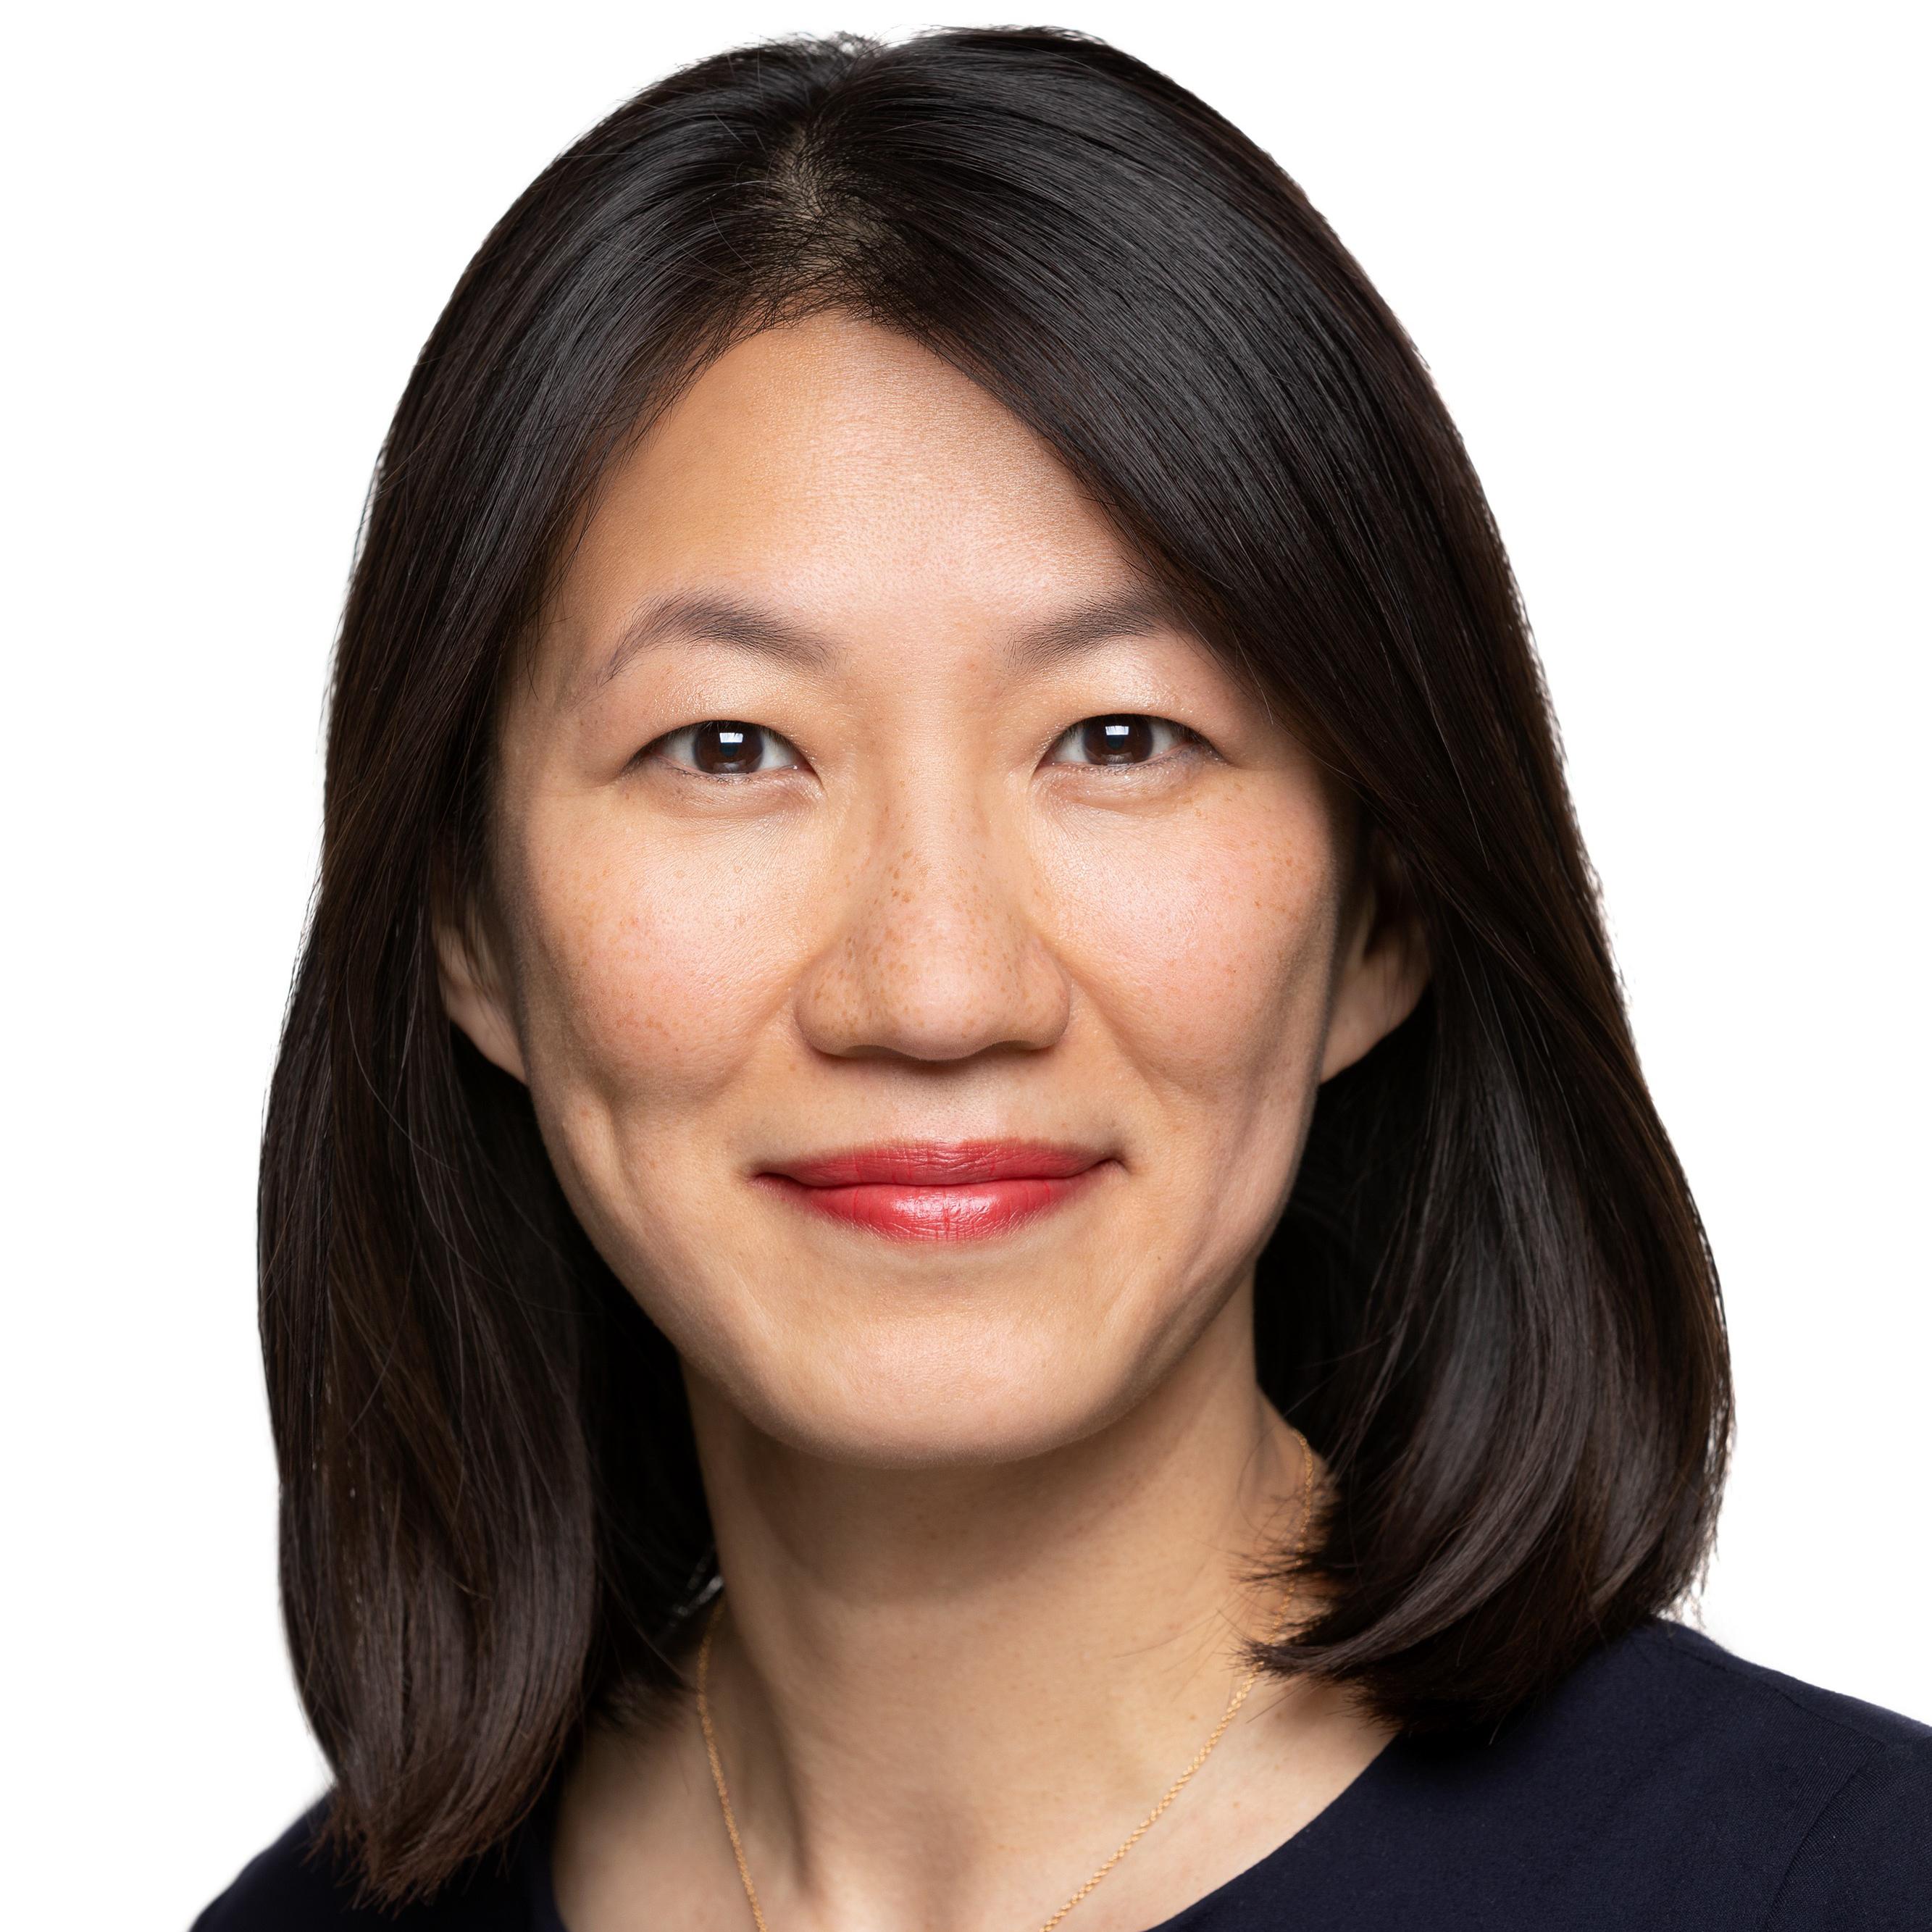 Michelle Liao